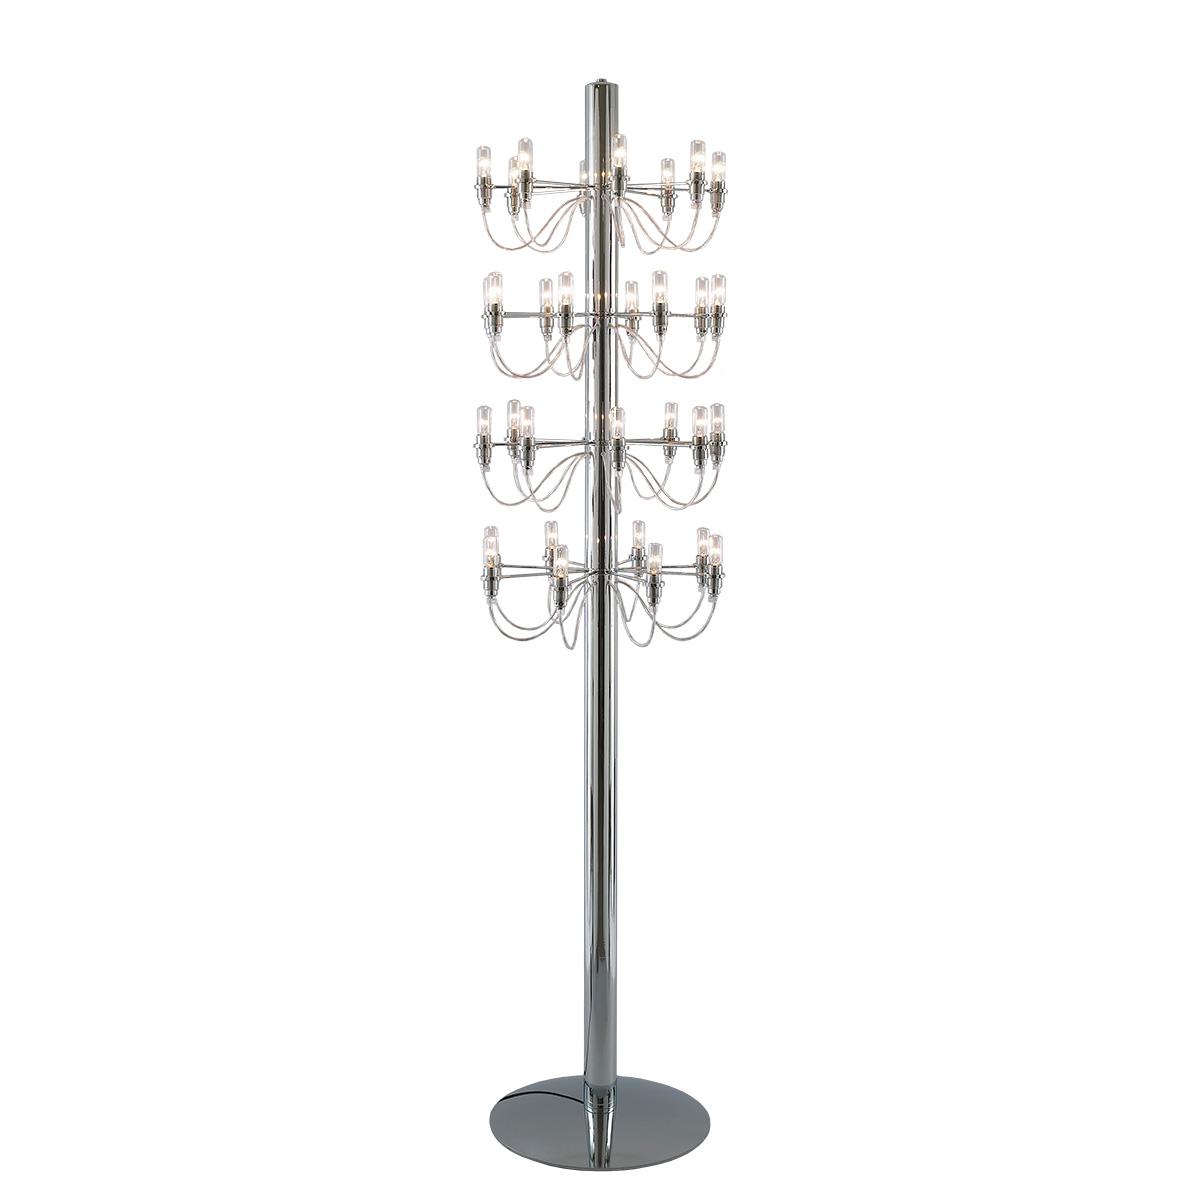 Μοντέρνο 32φωτο φωτιστικό δαπέδου ΑΚΤΙΝΕΣ modern 32-bulb floor lamp